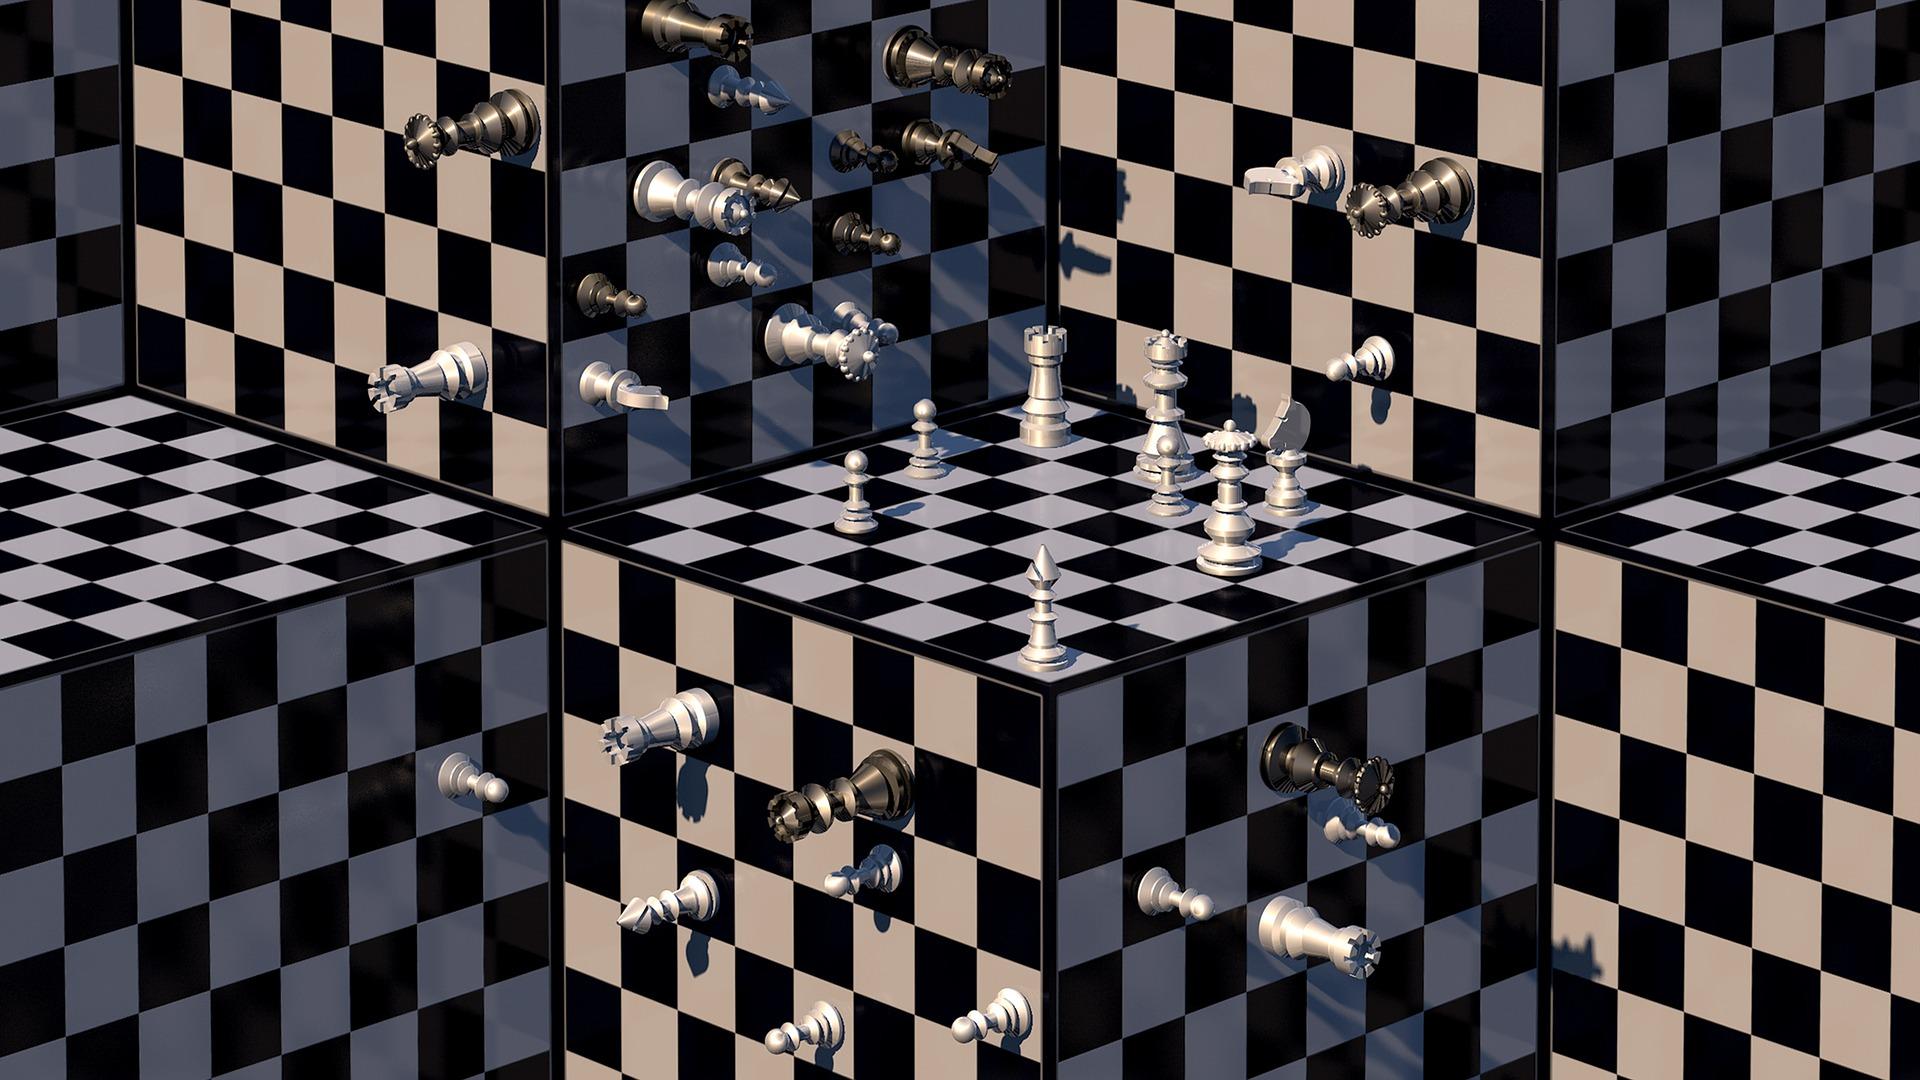 Komplexität und Dynamik – die zwei Kernprobleme in der harten Verhandlung